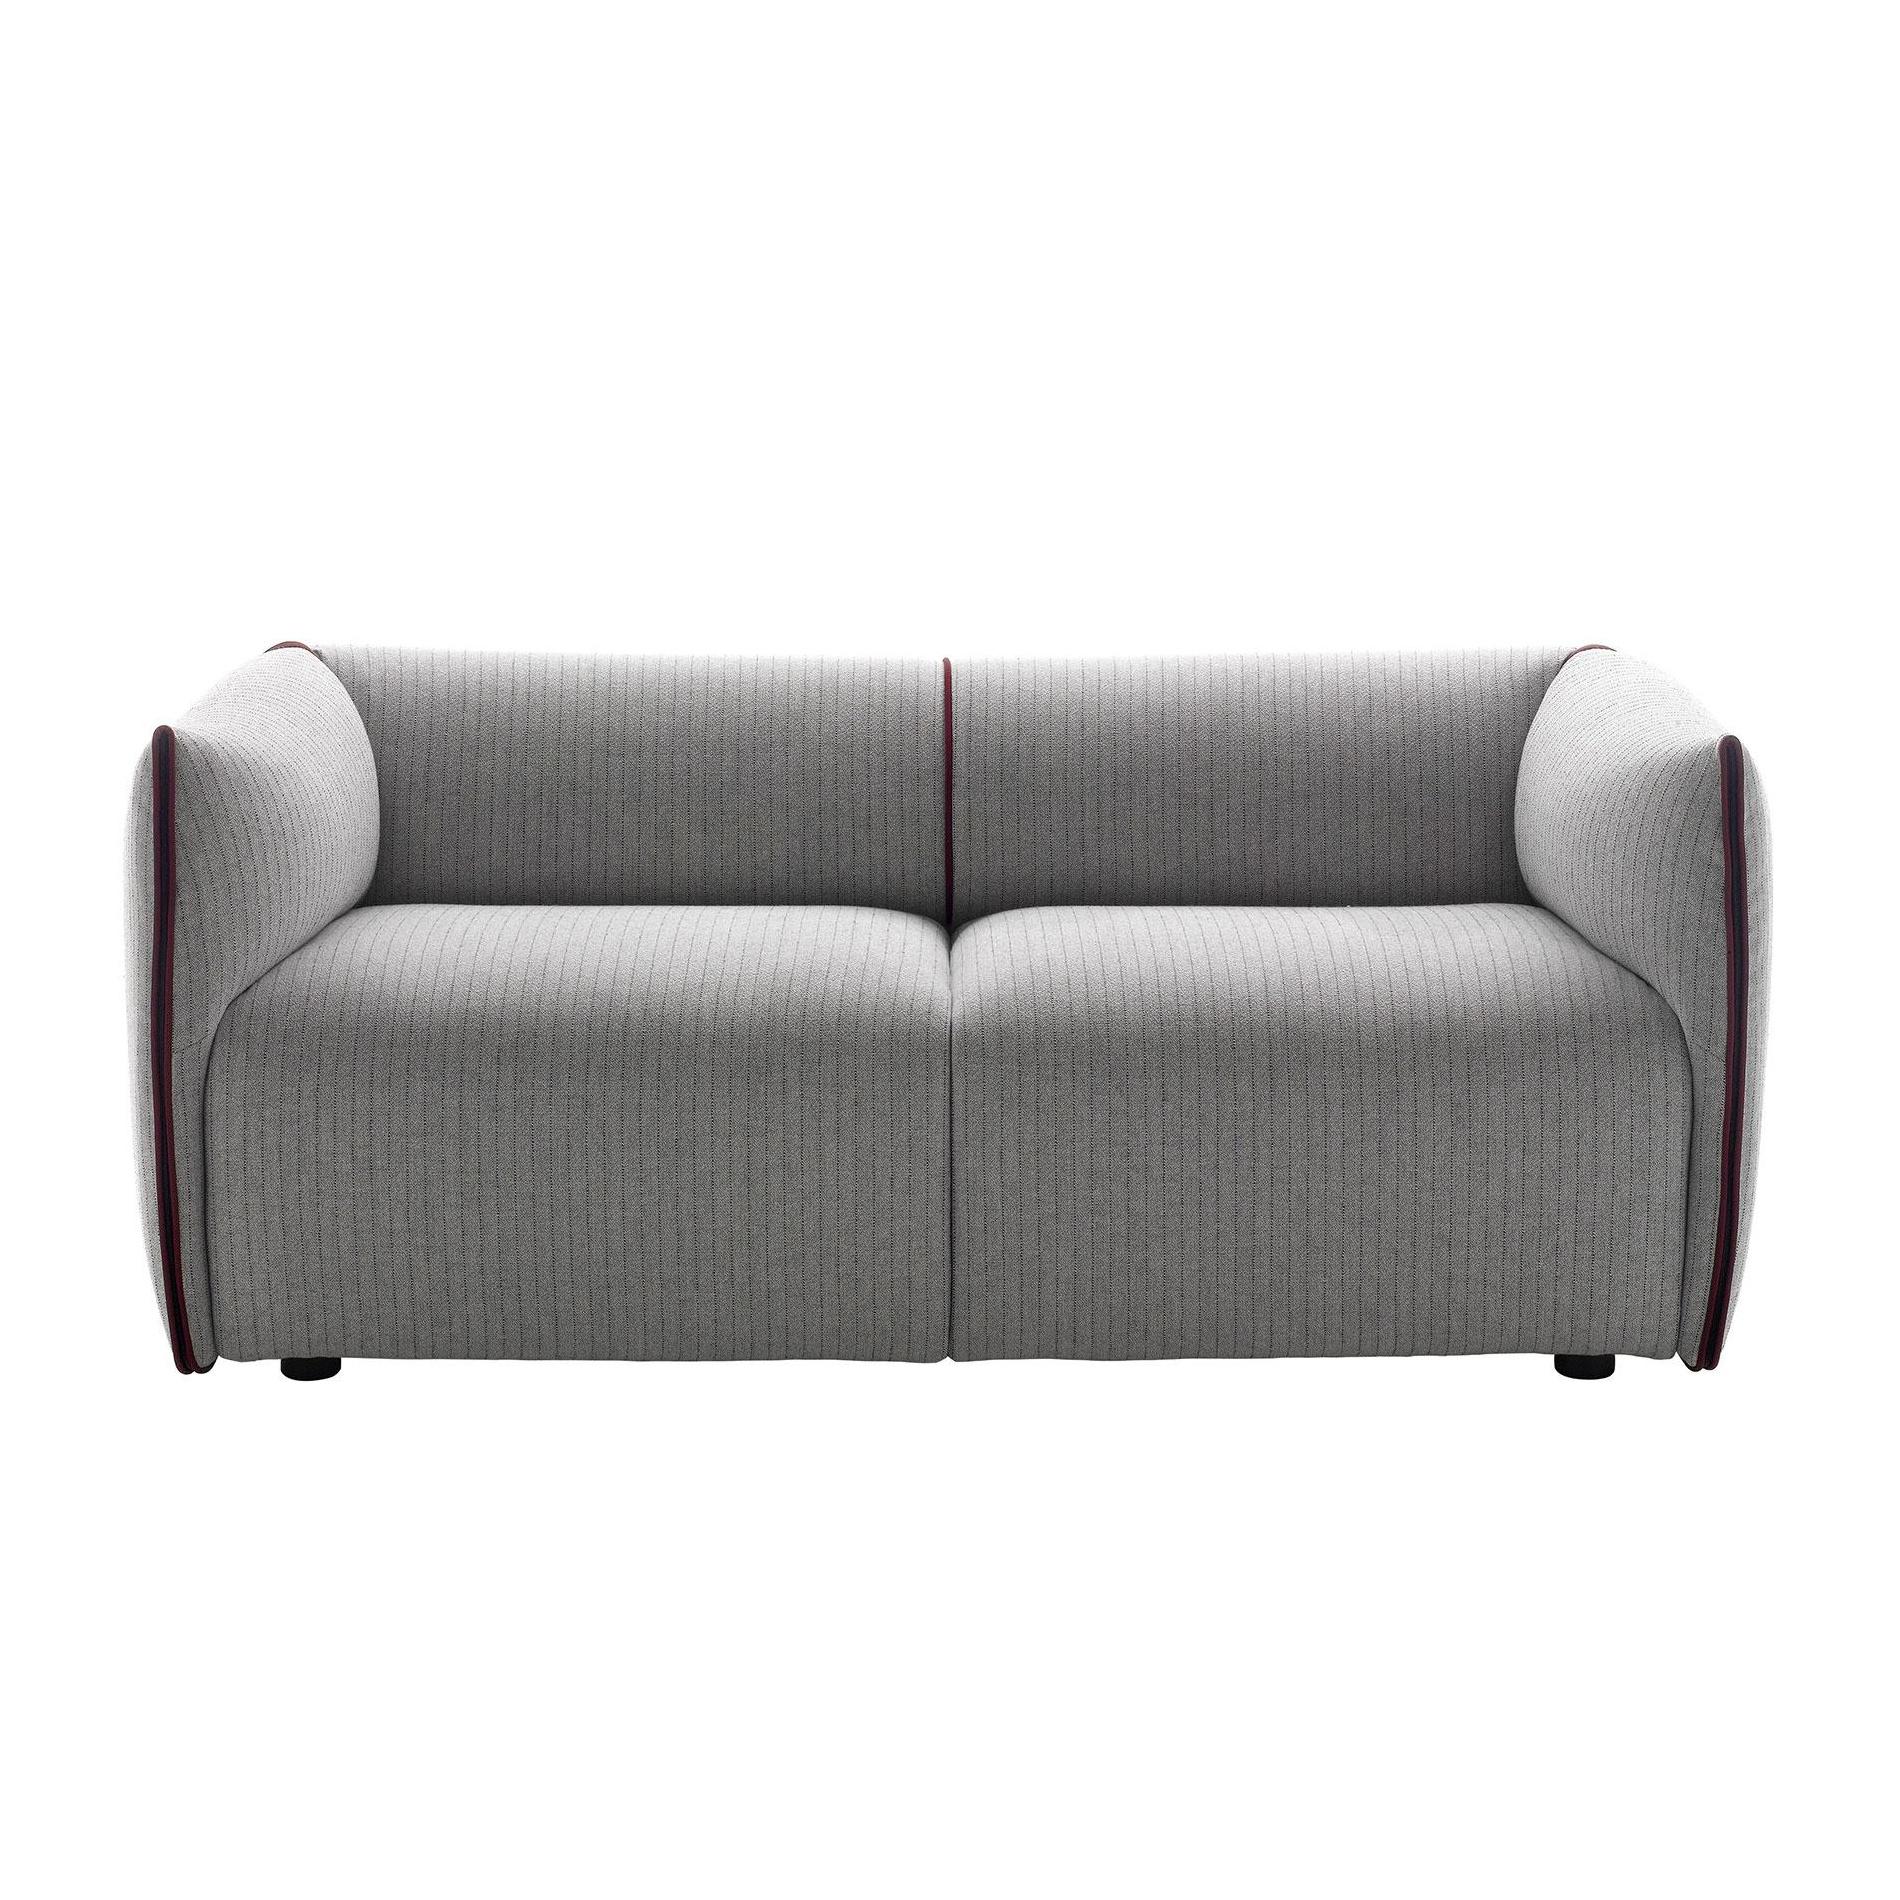 MDF Italia - Mia 2S Extra - Canapé 2 places - clair gris/bordeaux/étoffe Frank R352 Col. 419.003/PxHxP 174x70x83cm/bord Londra bordeaux